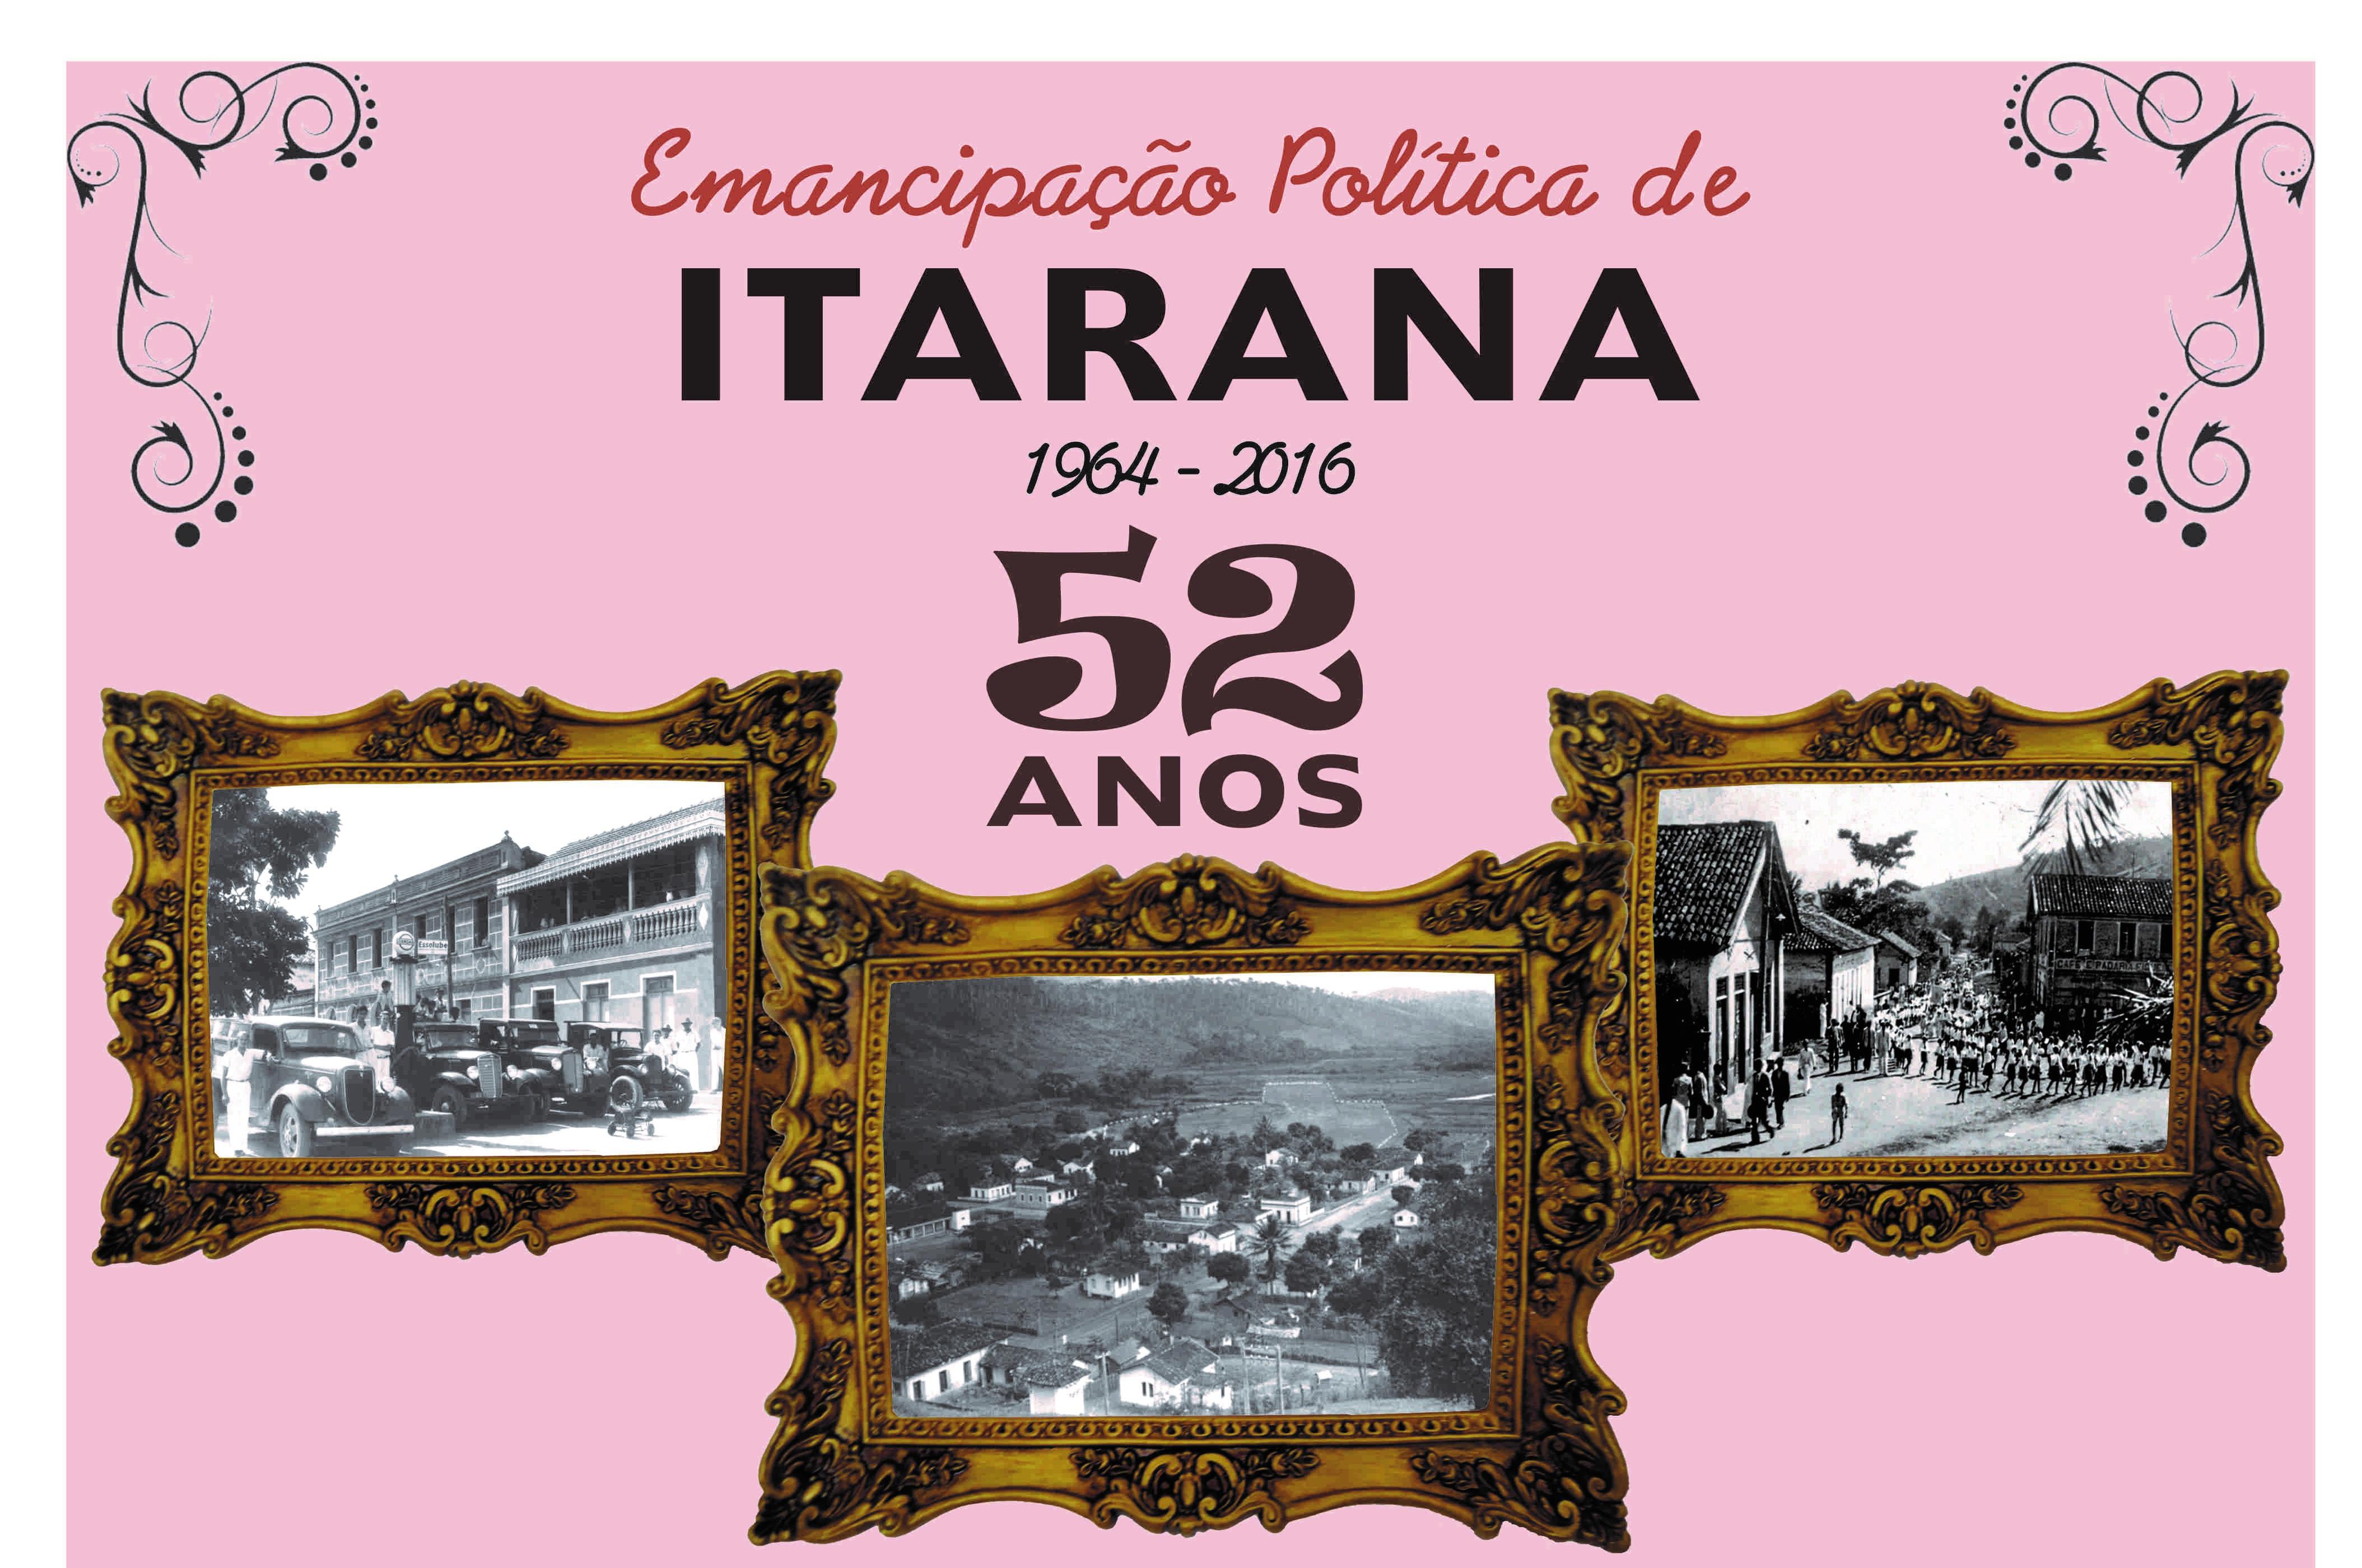 Comemoração dos 52 anos de Emancipação Política de Itarana começa no dia 15 de abril